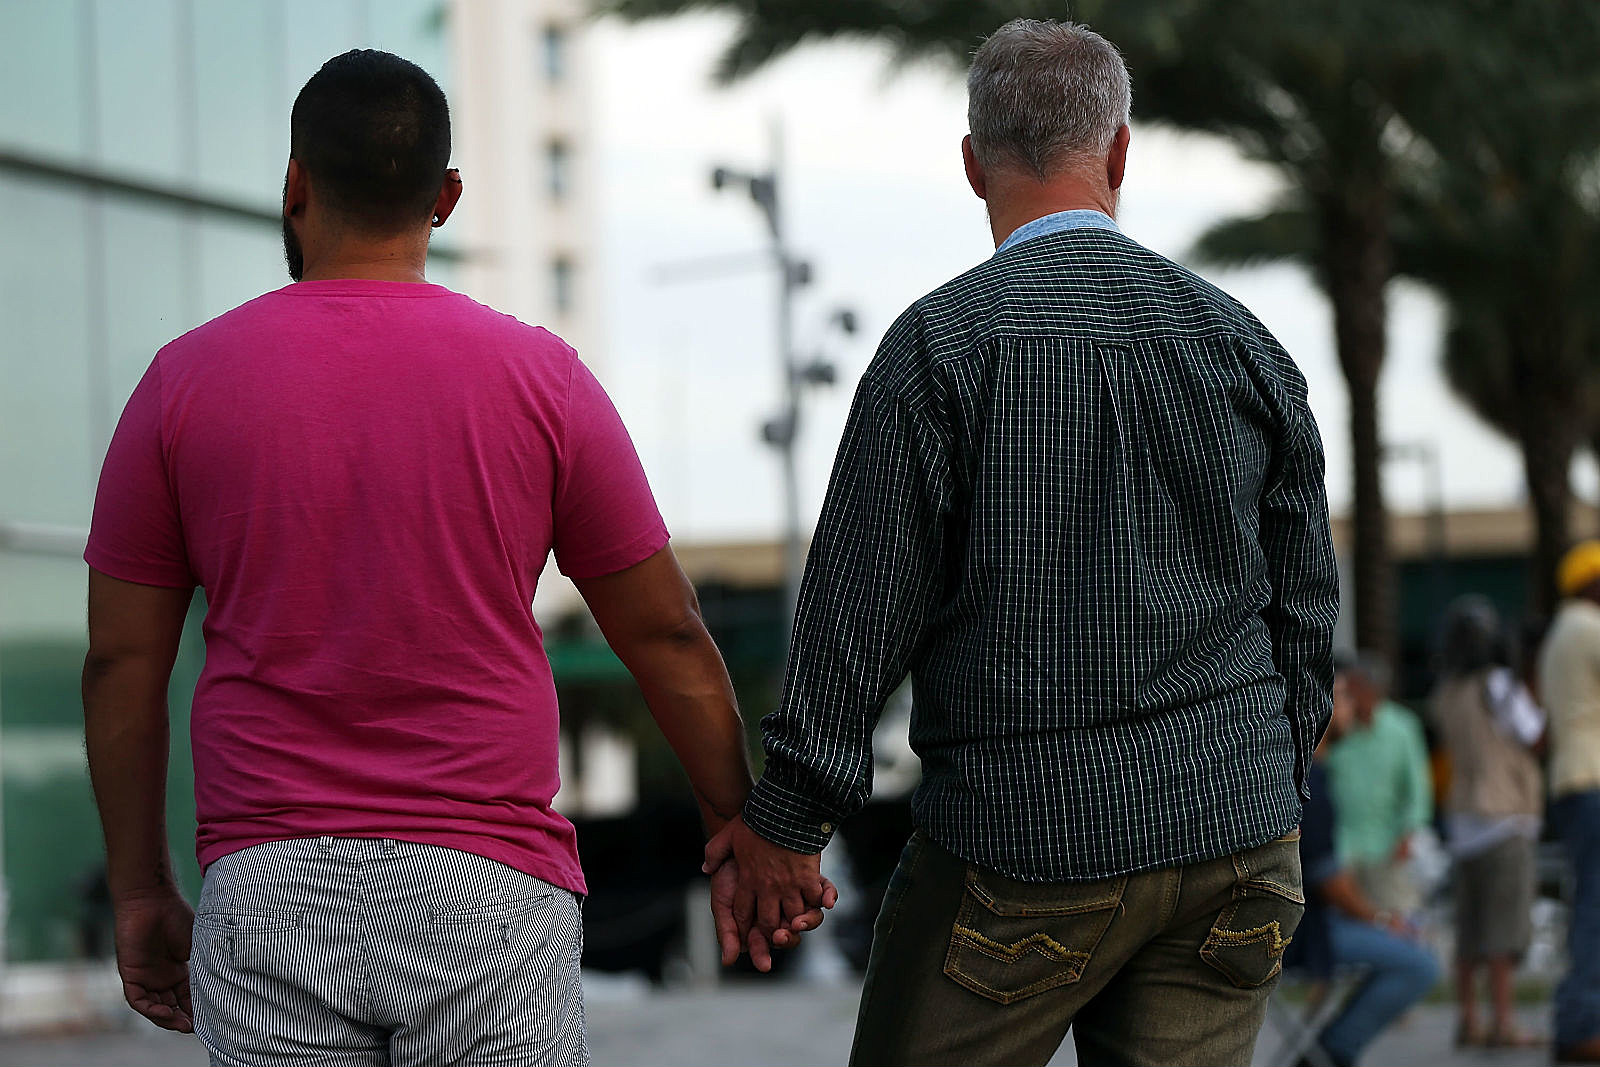 Gay_Spencer Platt/Getty